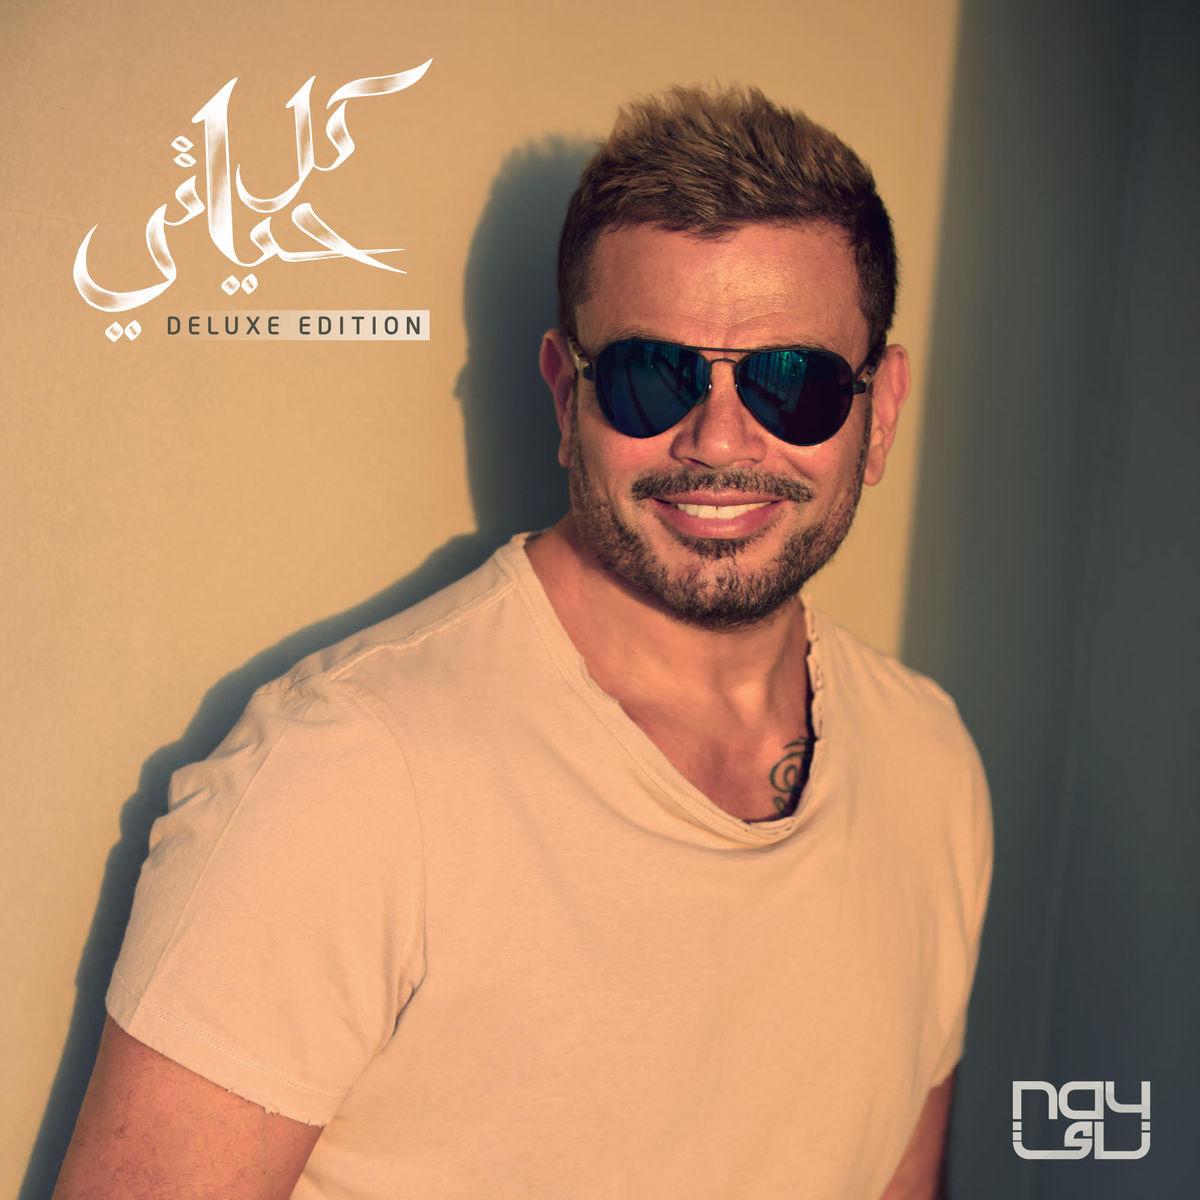 تحميل البوم عمرو دياب - كل حياتي 2018 || Ripped From Original CD Q 320Kbps